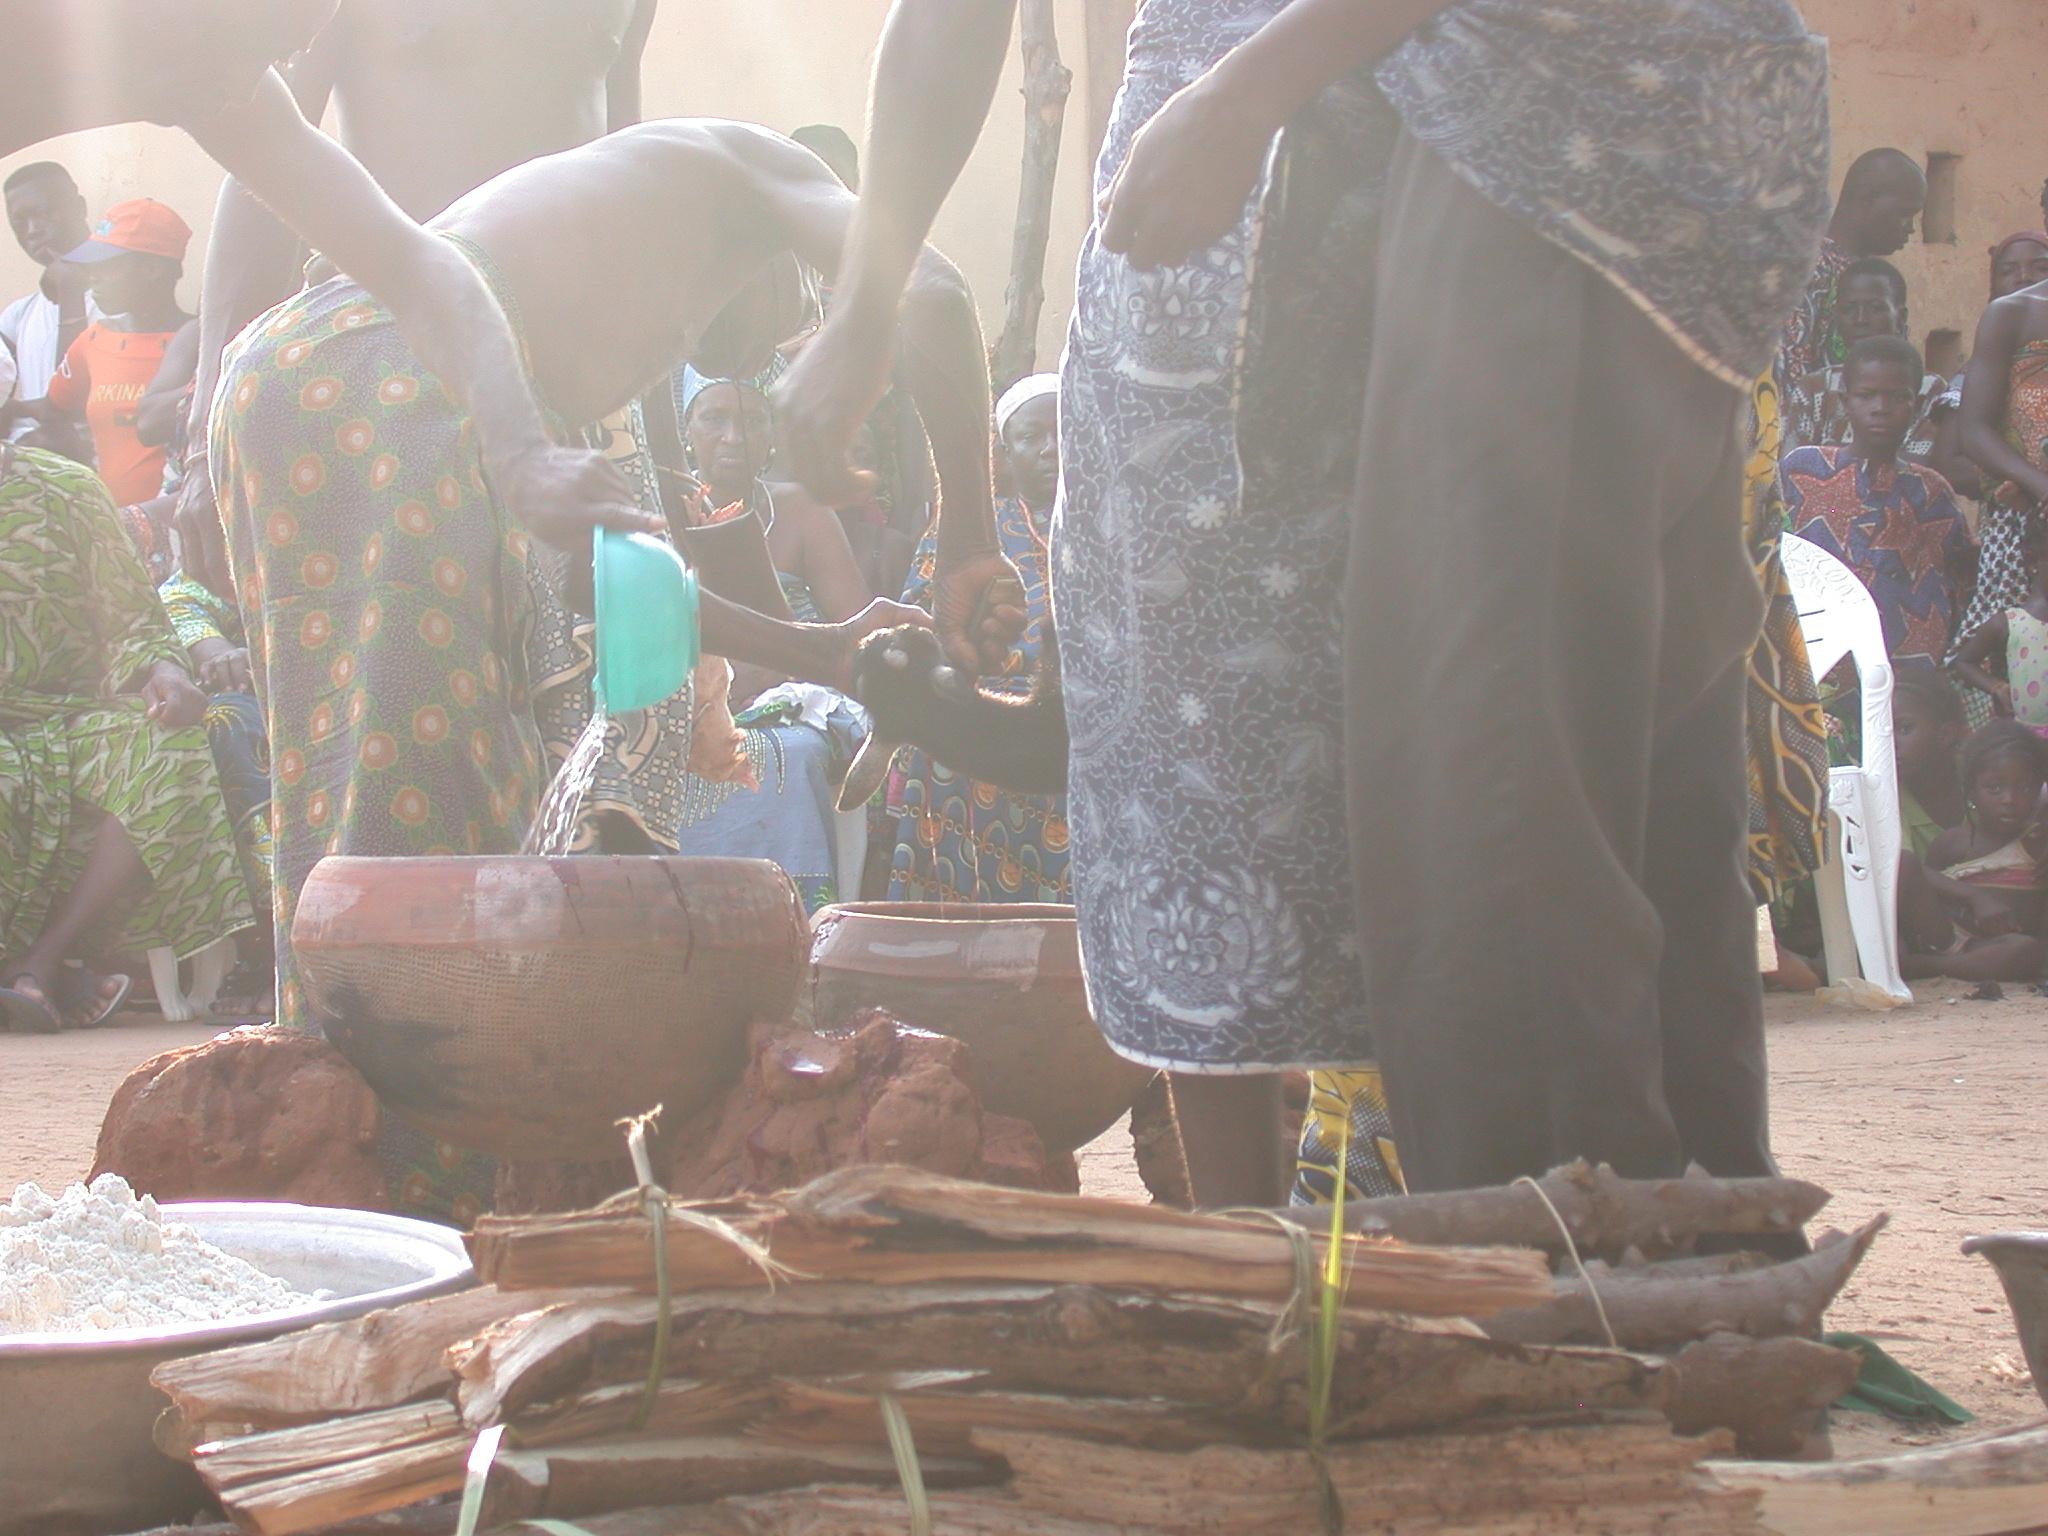 Sacrificing a Goat, Vodun Ritual, Ouidah, Benin